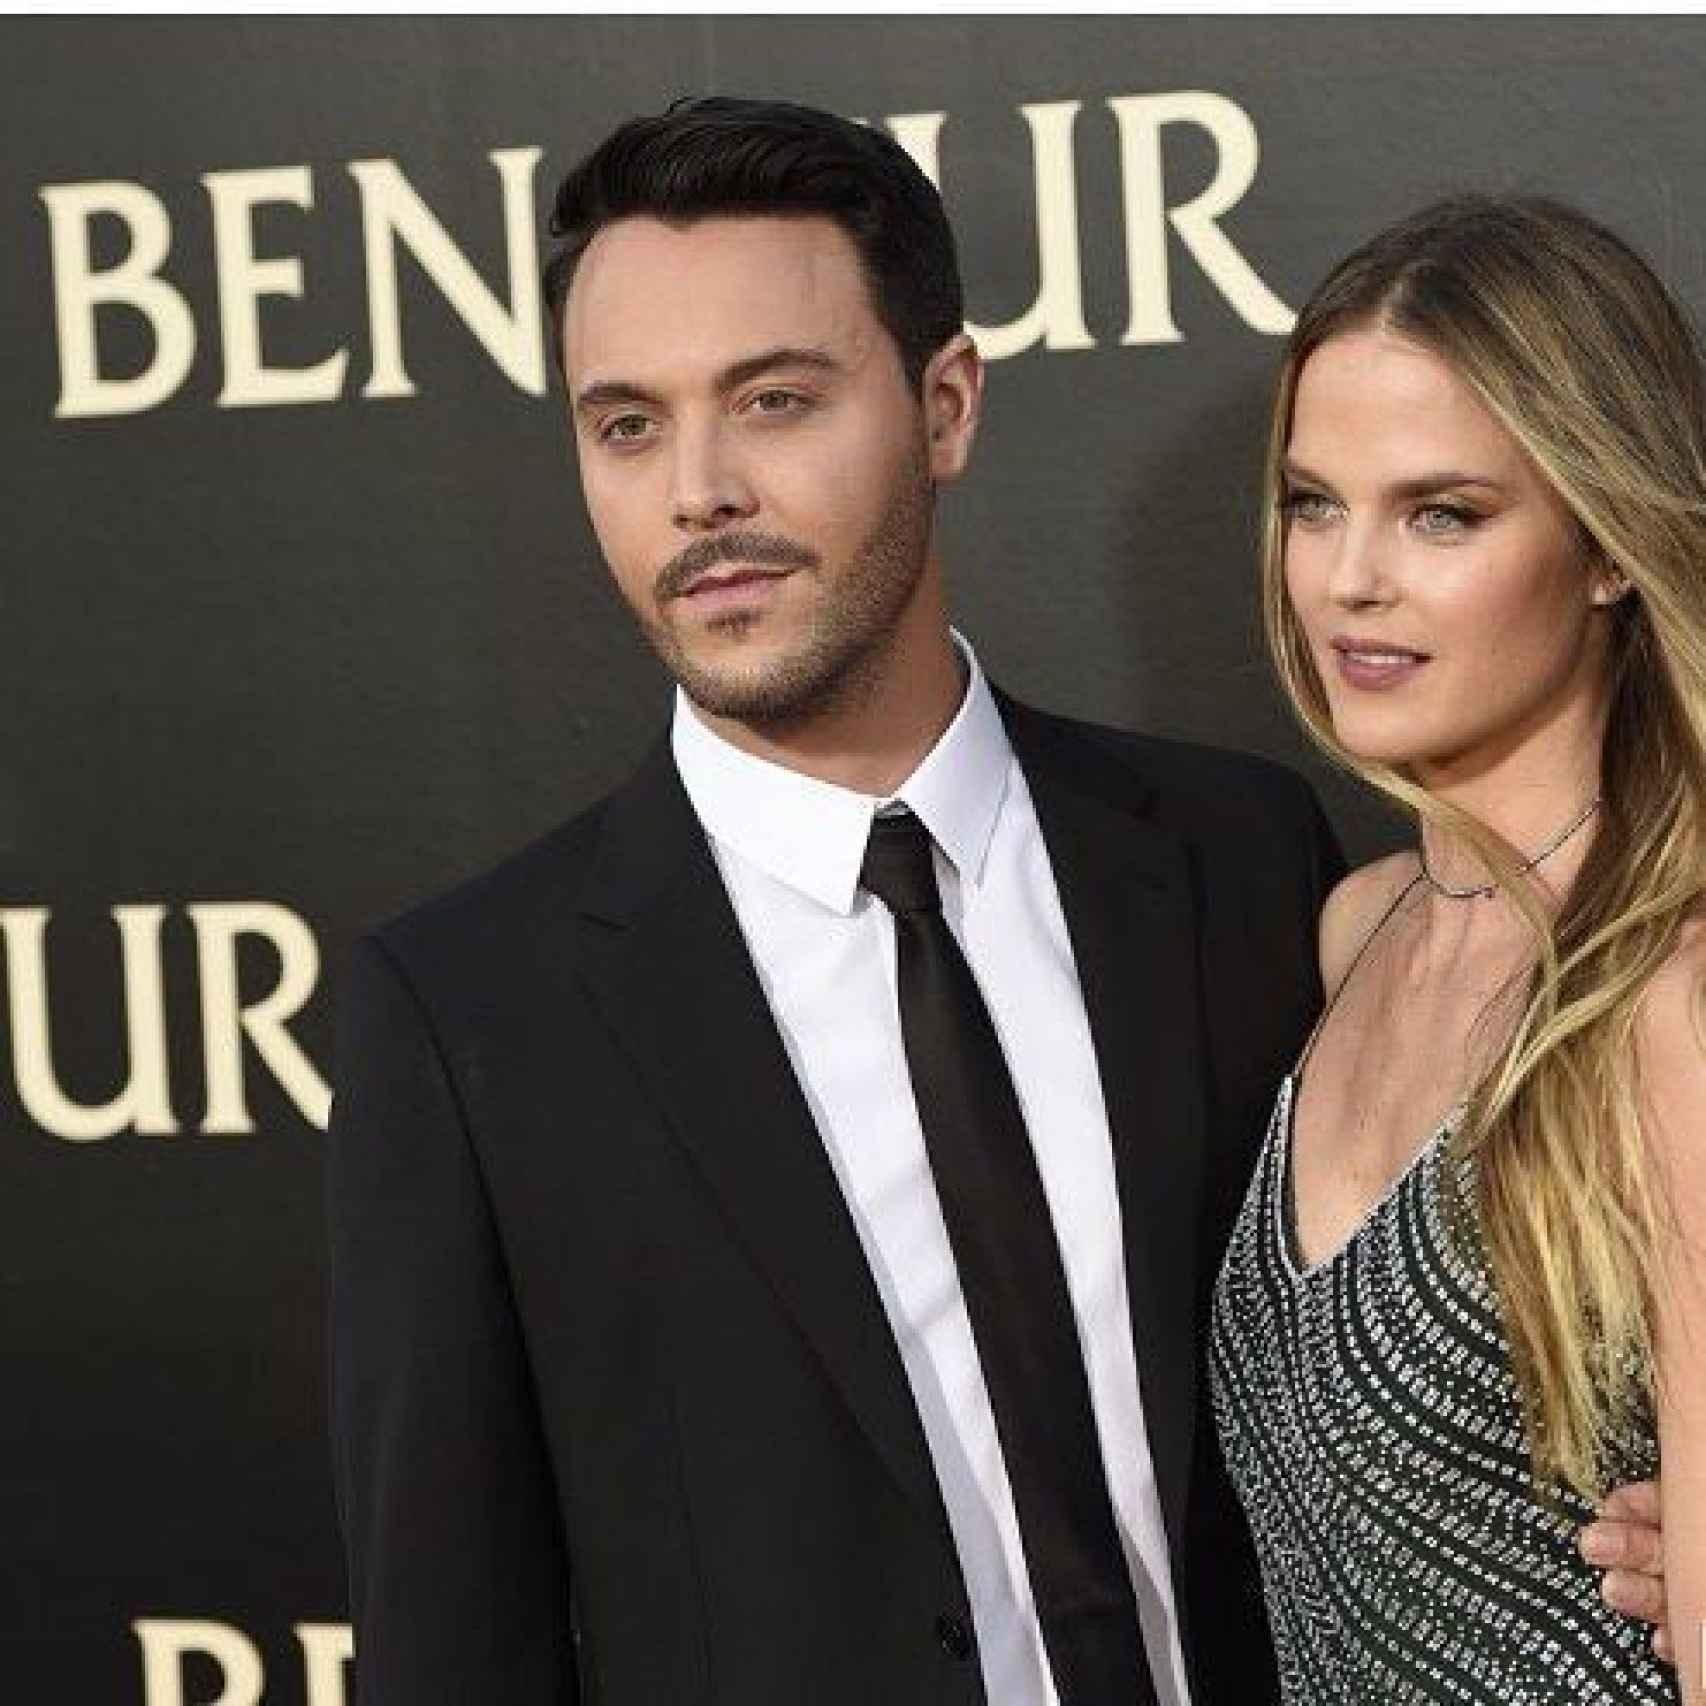 Jack Huston con su mujer en el estreno de Ben-Hur